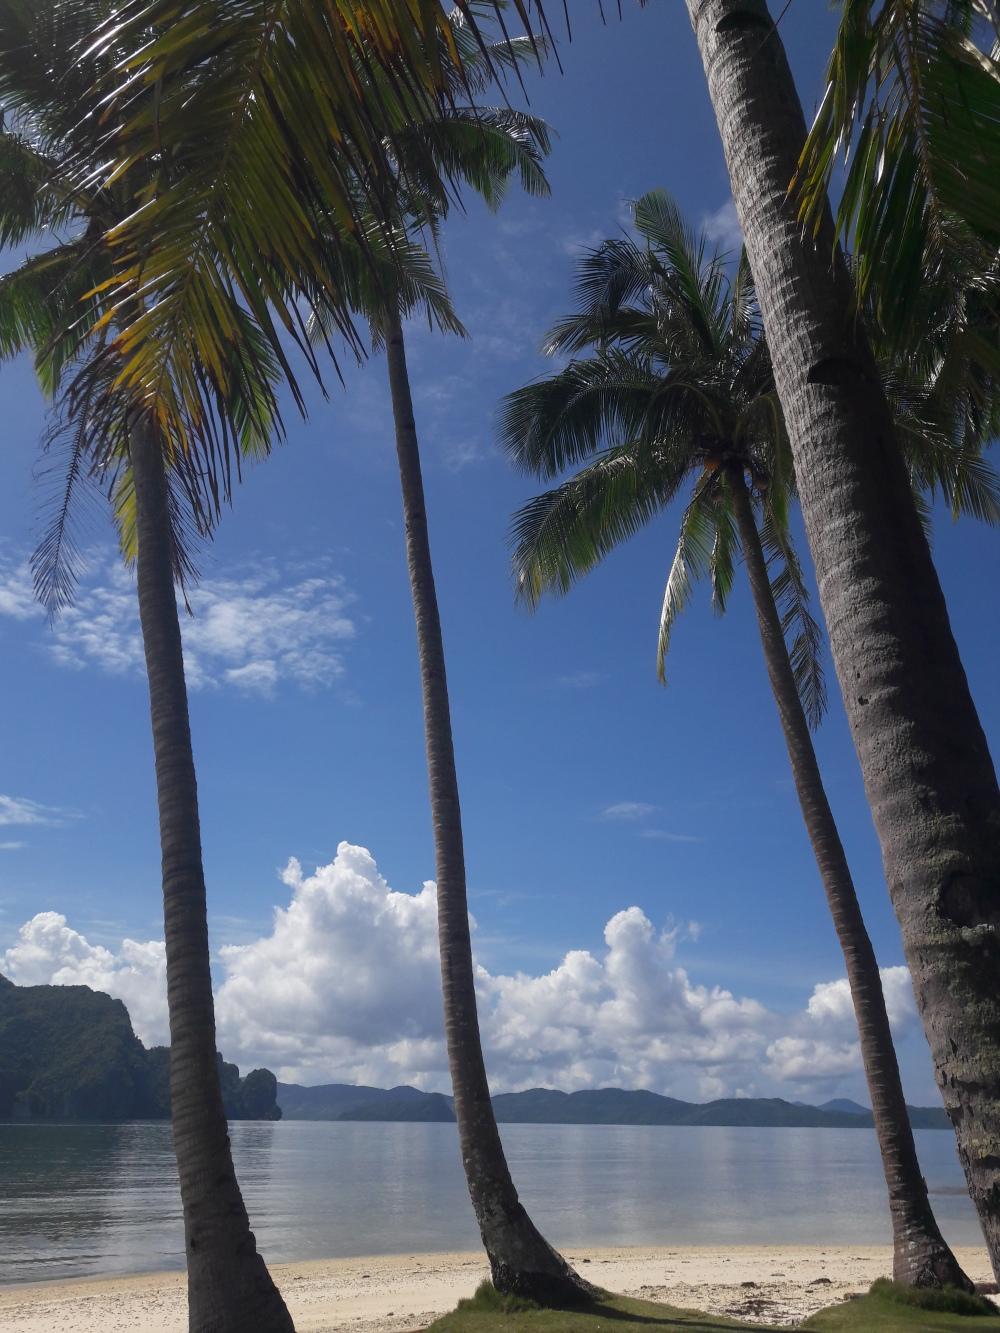 Pinagbuytan Island, Palawan the Philippines